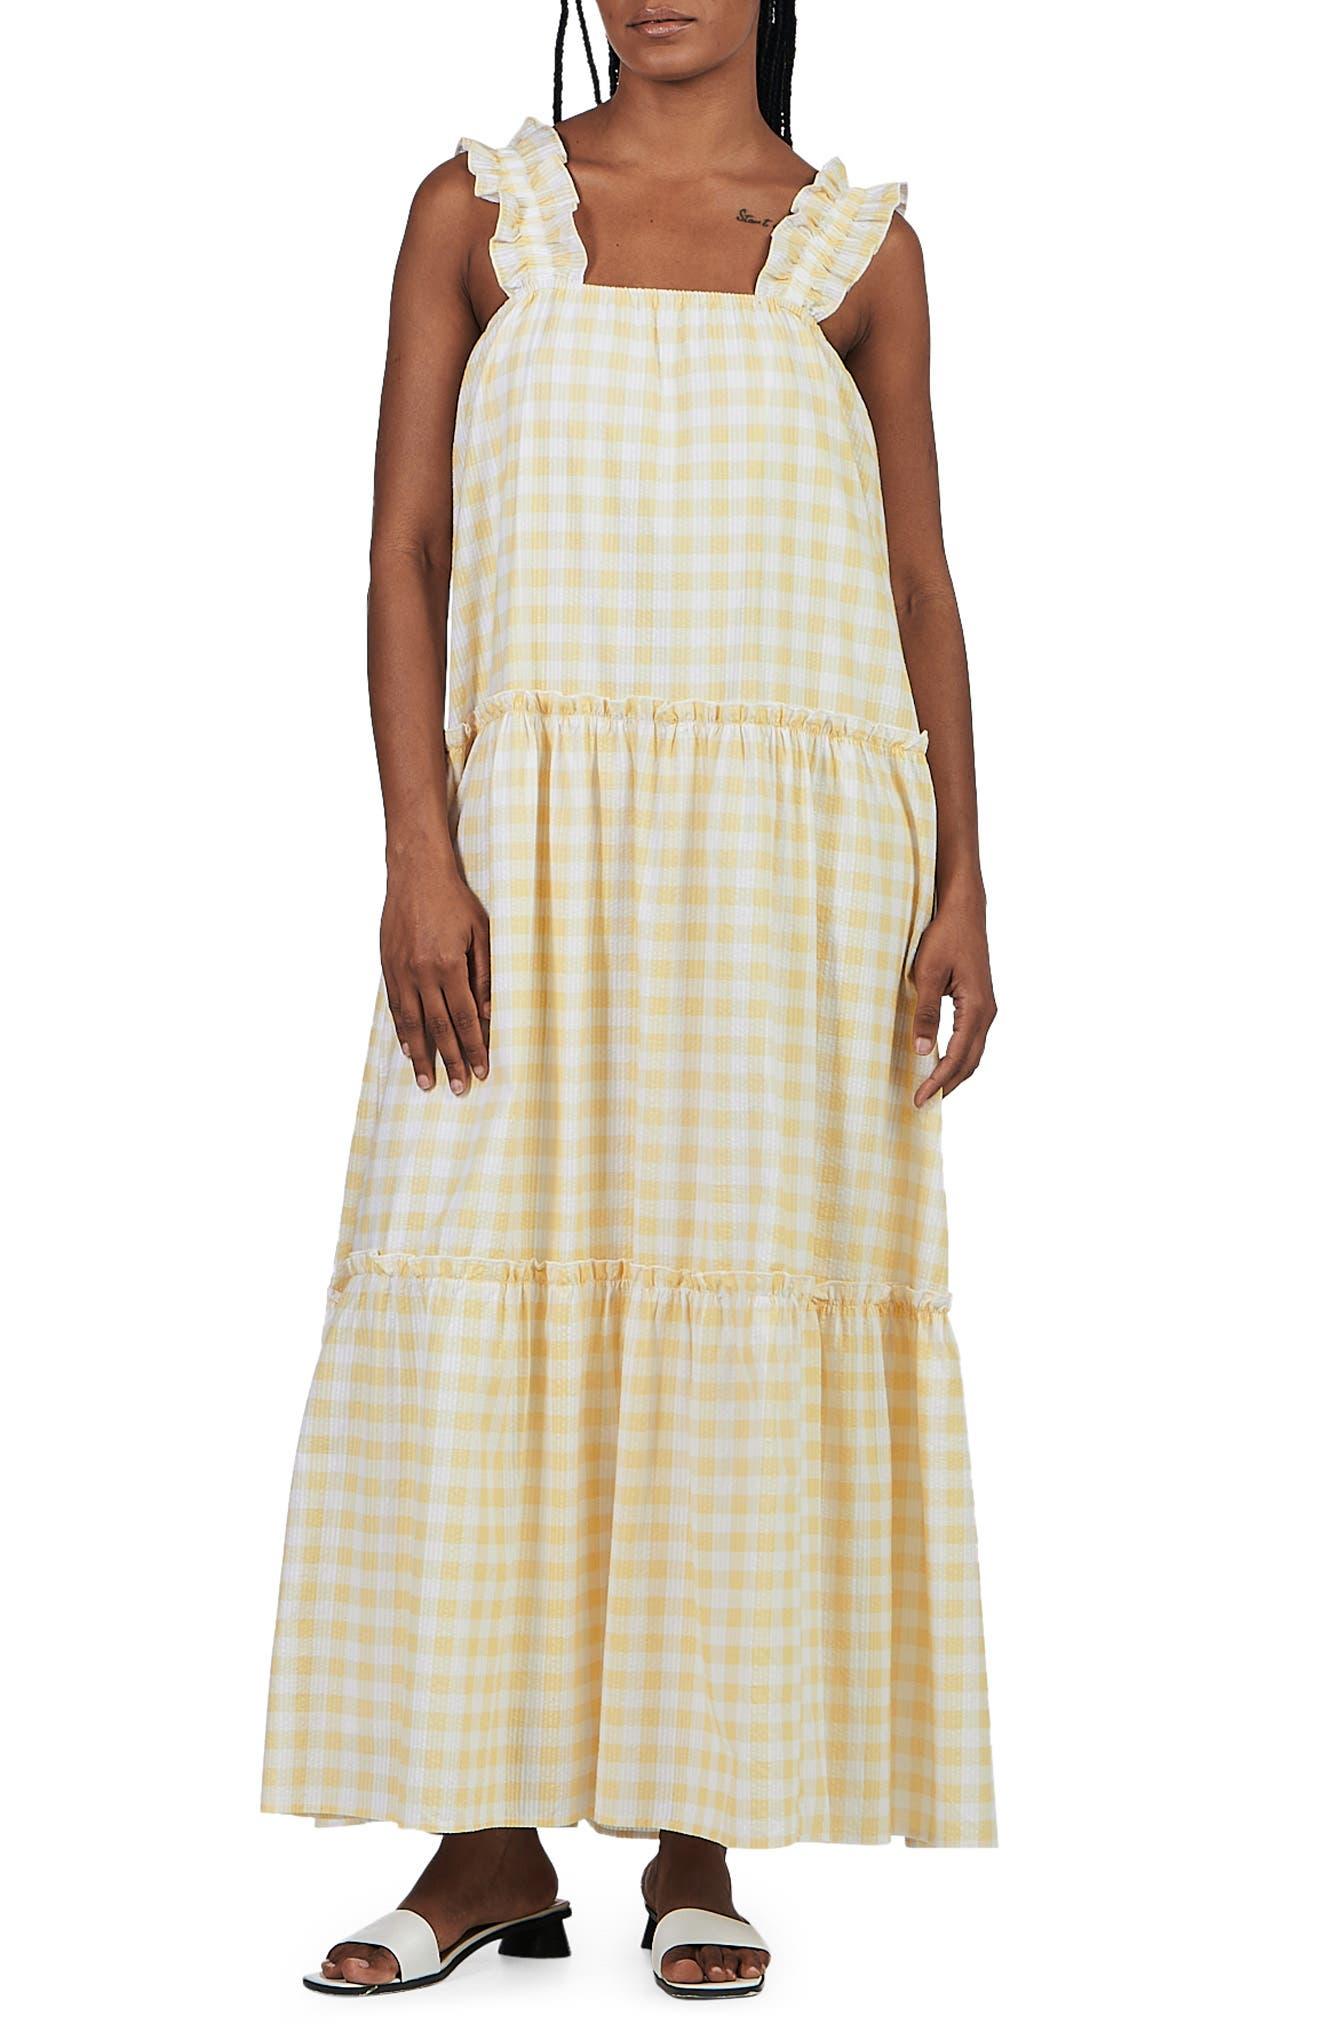 Lottie Gingham Seersucker Maxi Dress